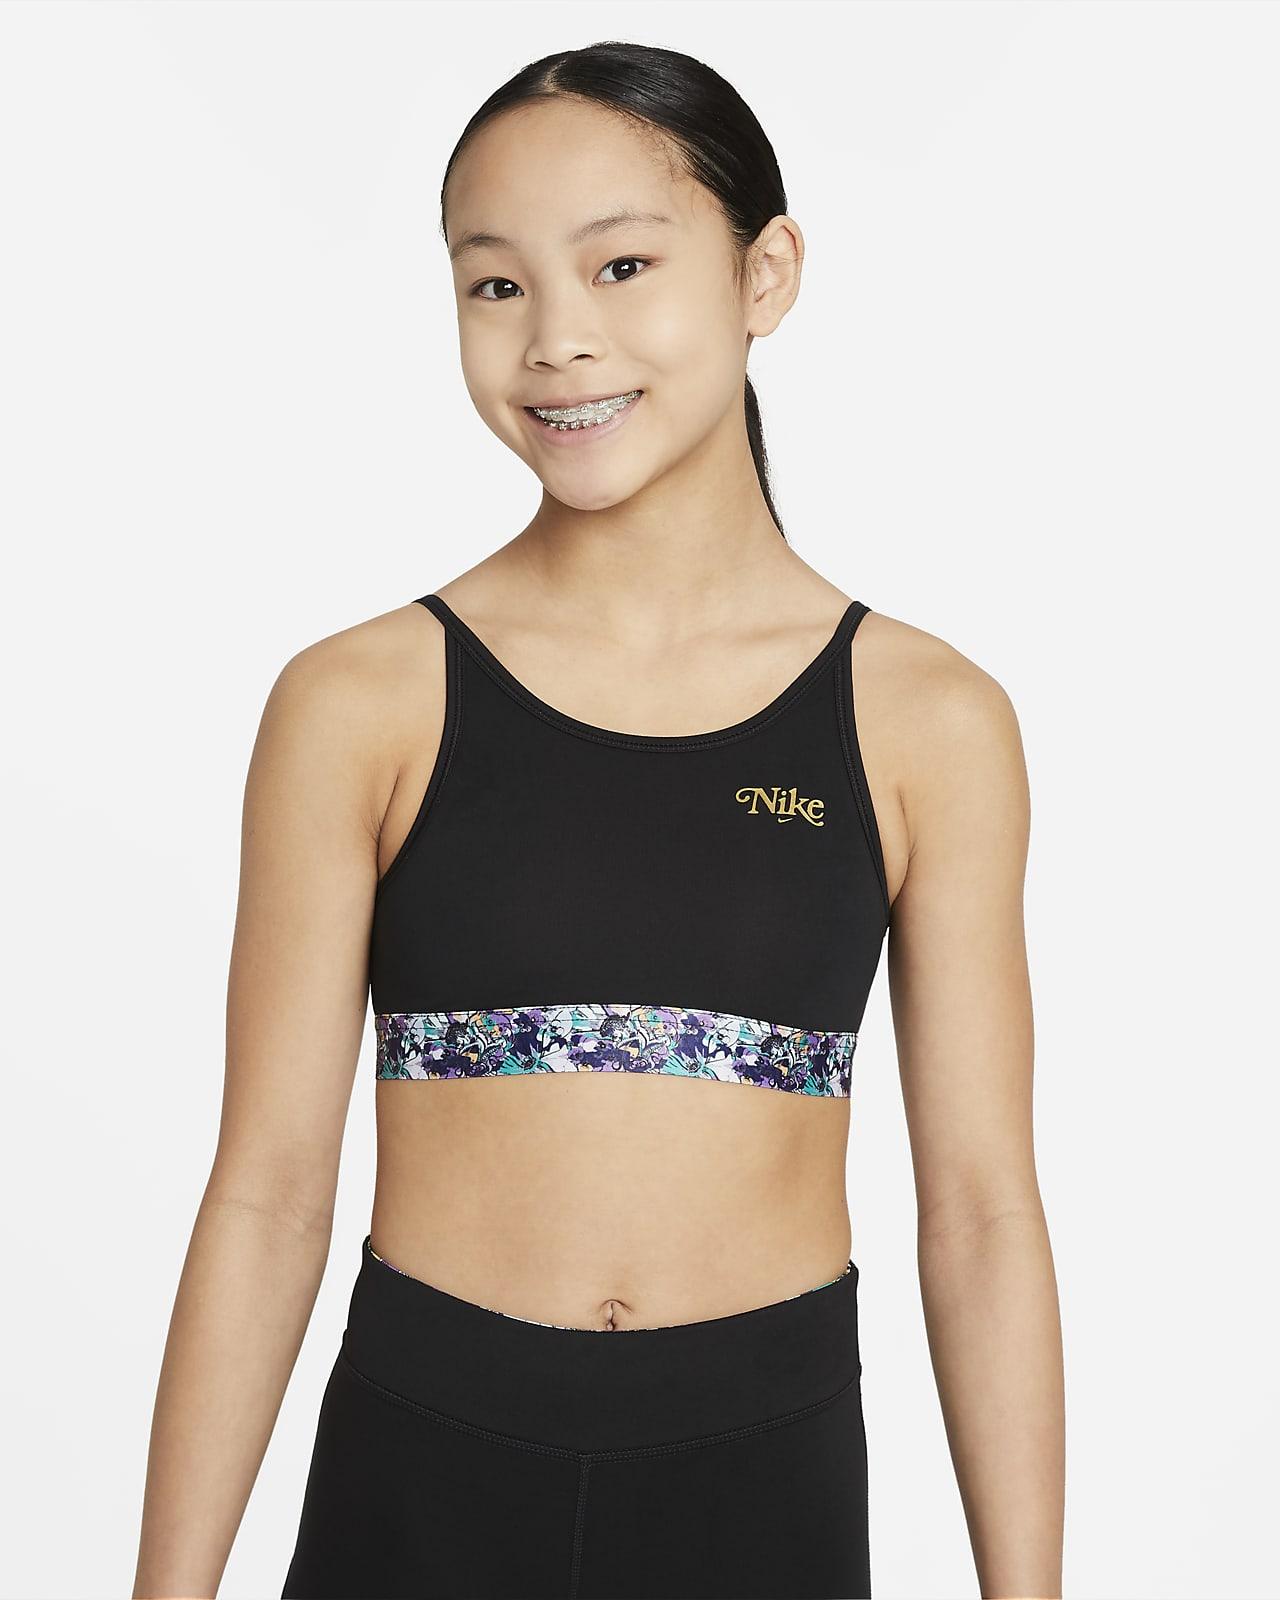 Αθλητικός στηθόδεσμος Nike Dri-FIT Trophy για μεγάλα κορίτσια